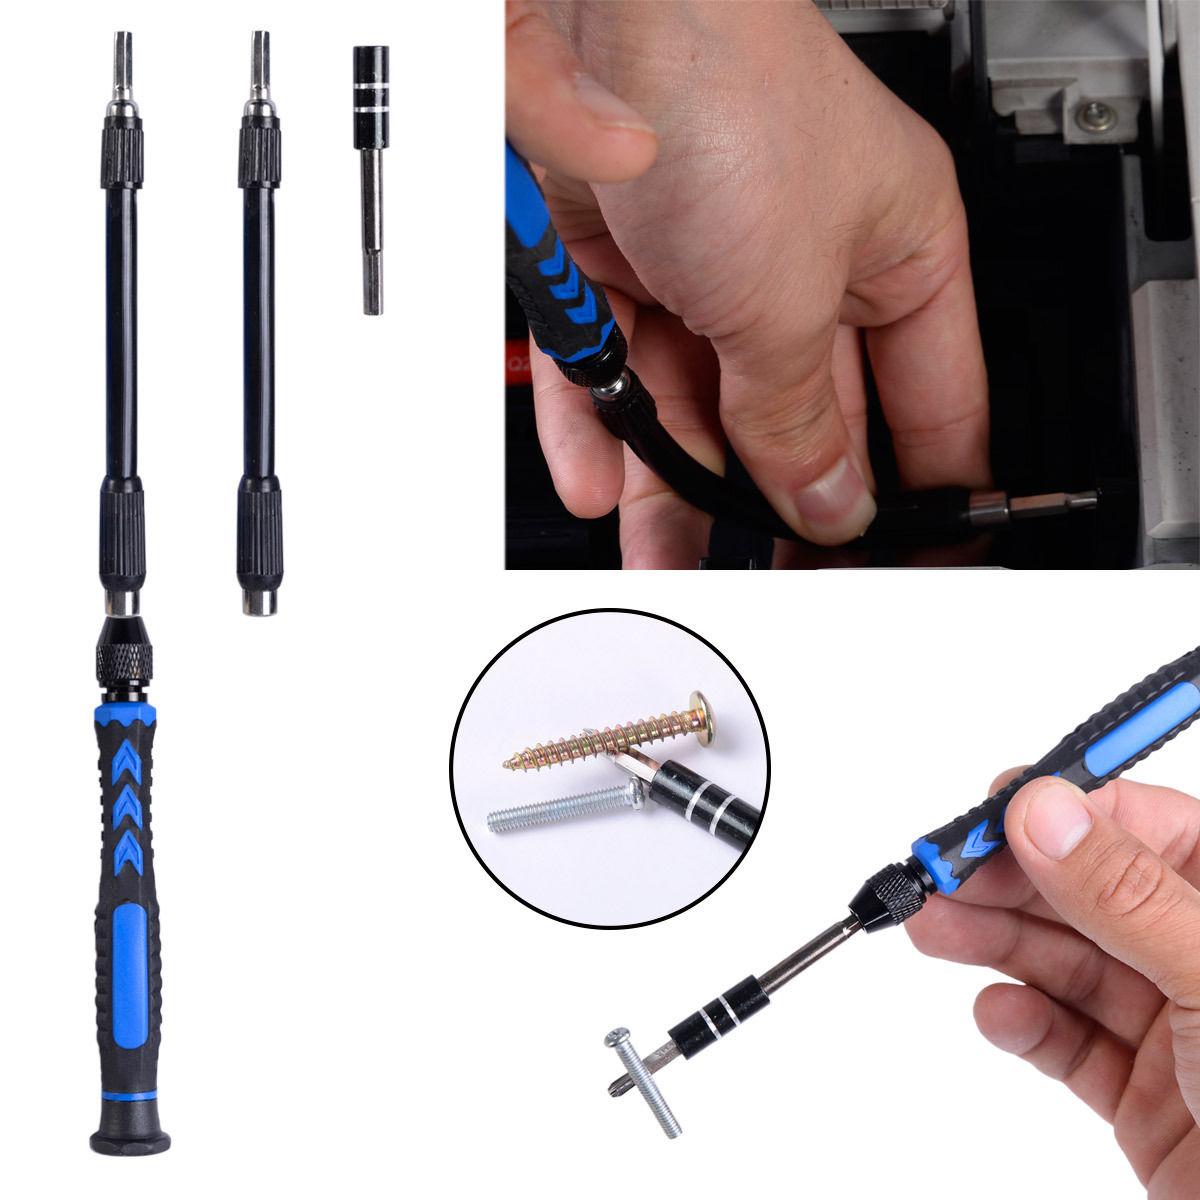 GOPLUS Precision 39-in-1 Screwdriver Set Repair Tools Kit